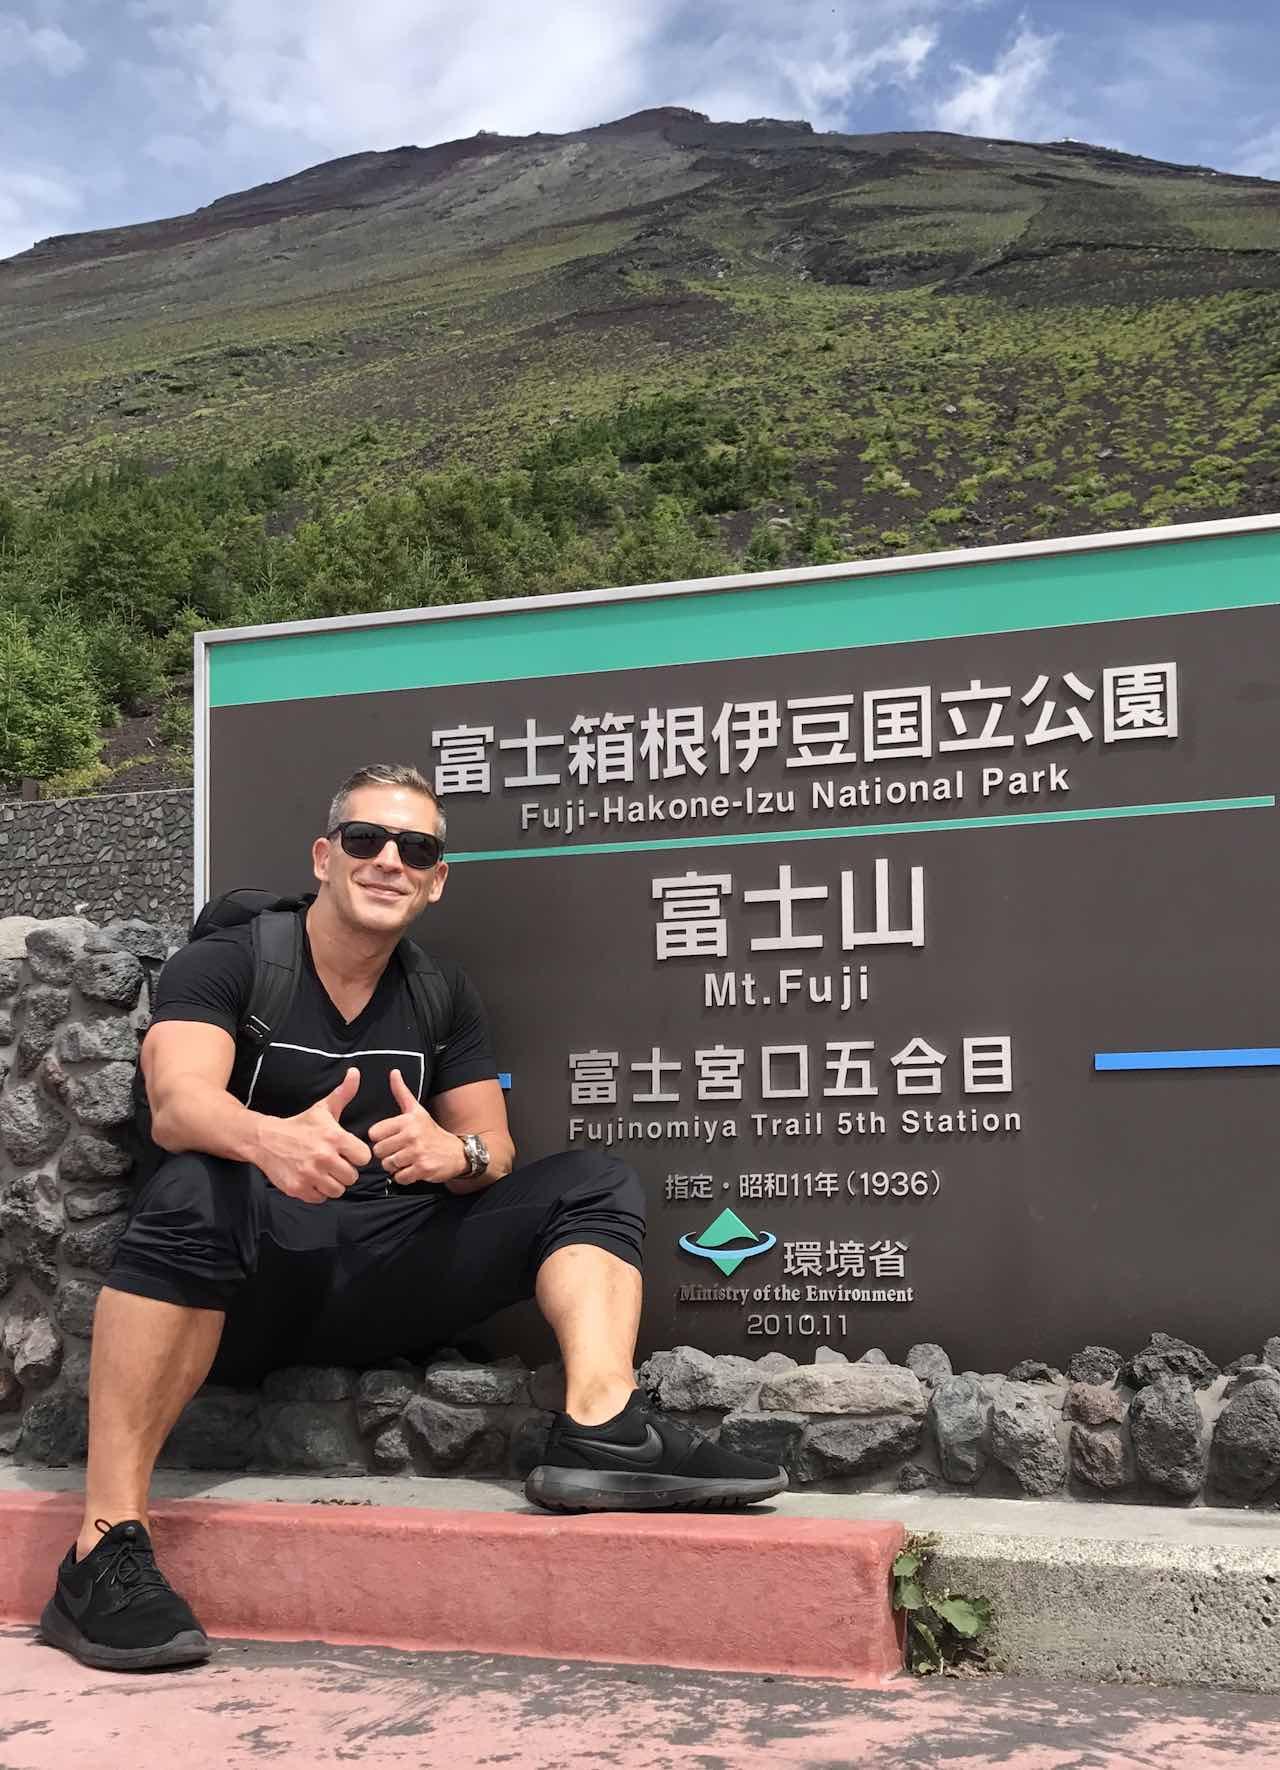 Carlos Melia in Mount Fuji Japan